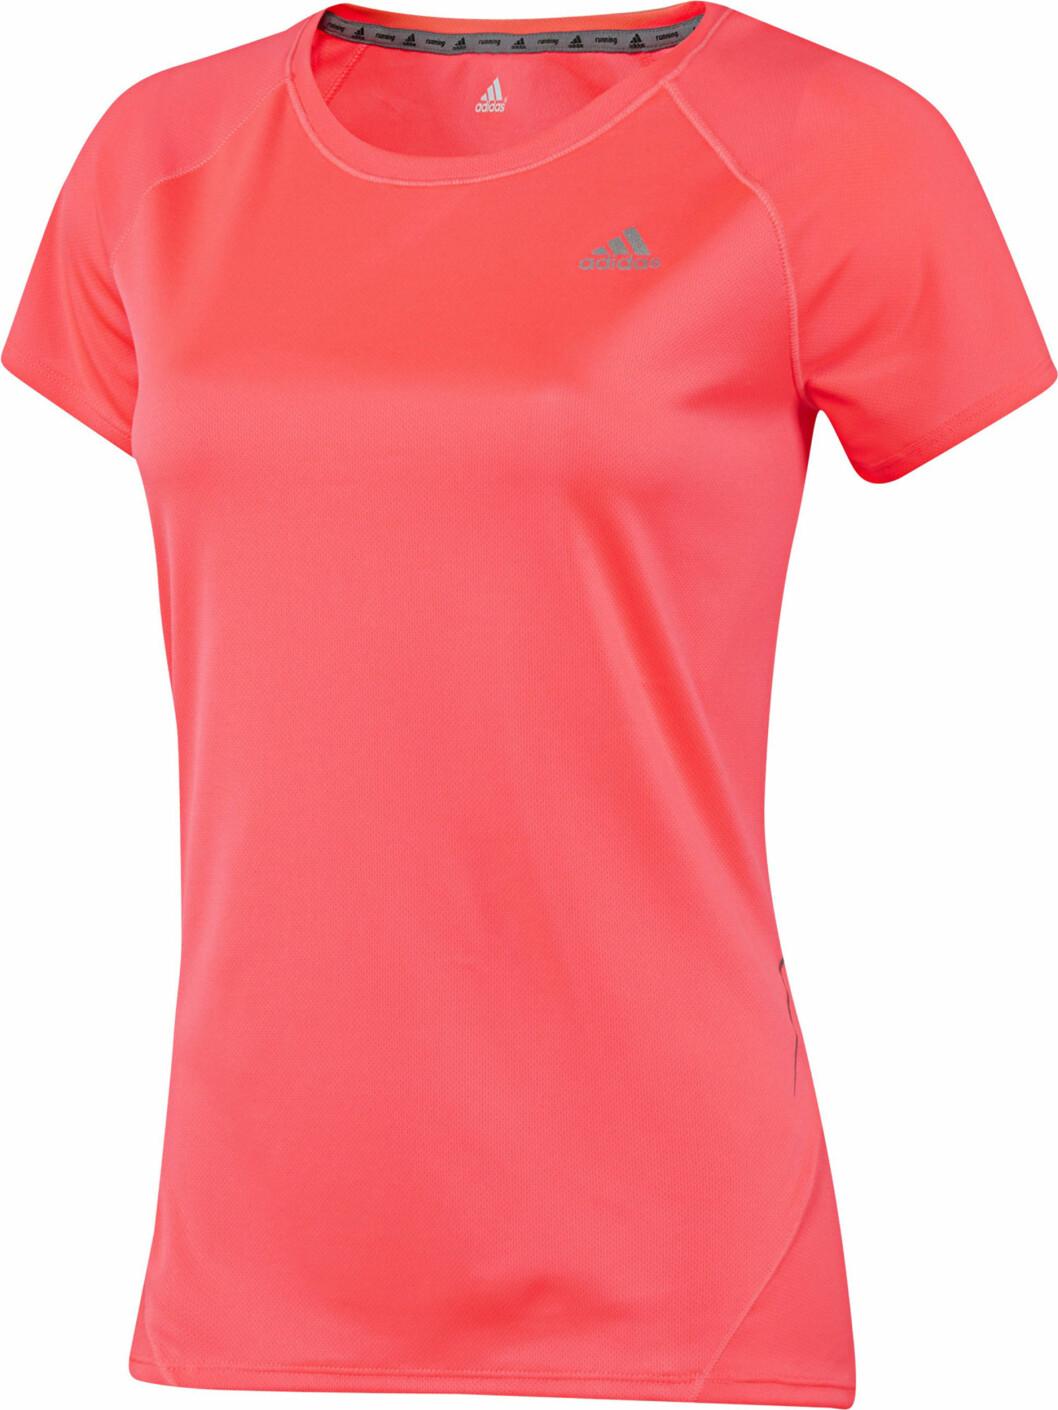 T-skjorte fra Adidas - 200 kroner.  Foto: Produsenten